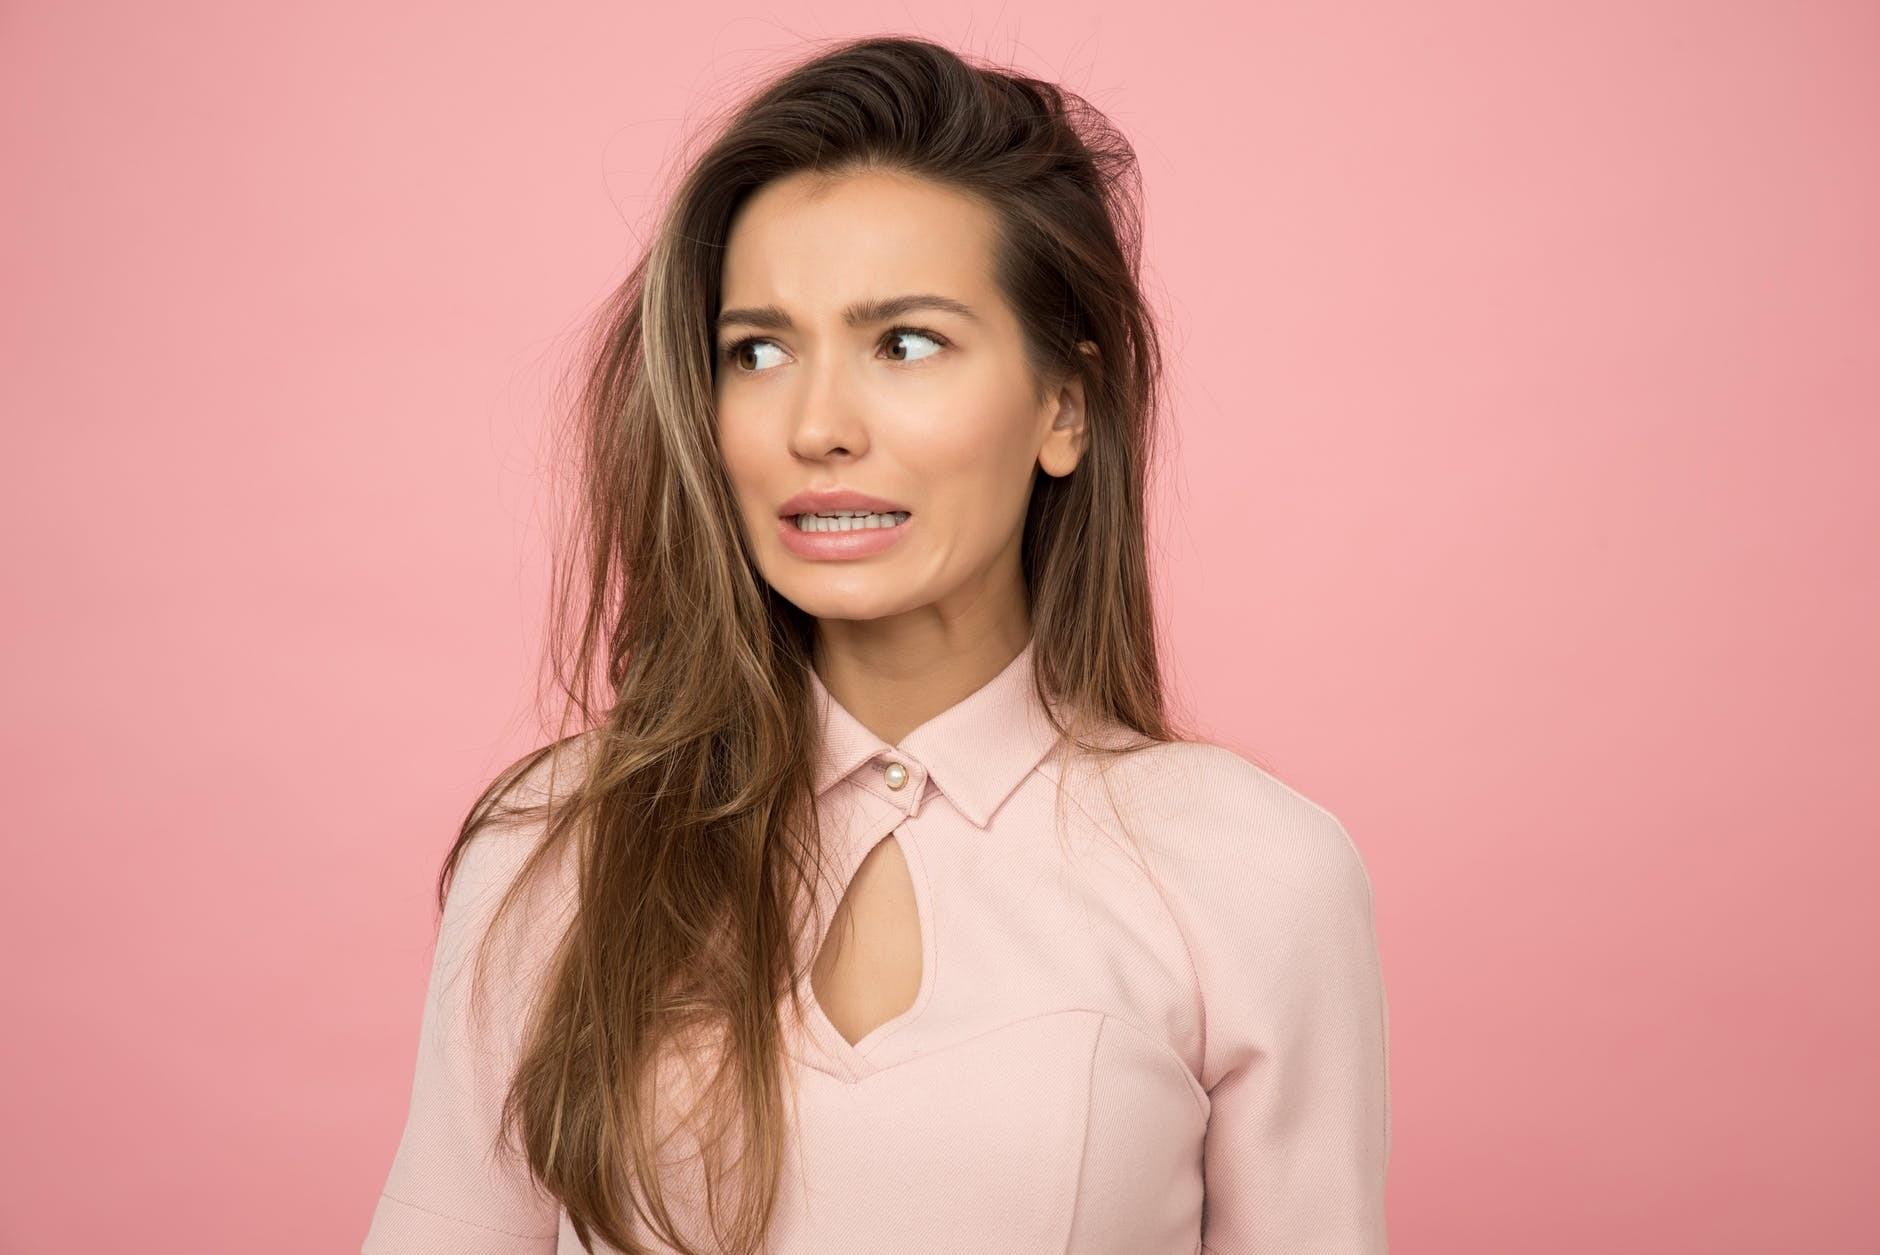 Сухие волосы: 5 вариантов решения проблемы в домашних условиях